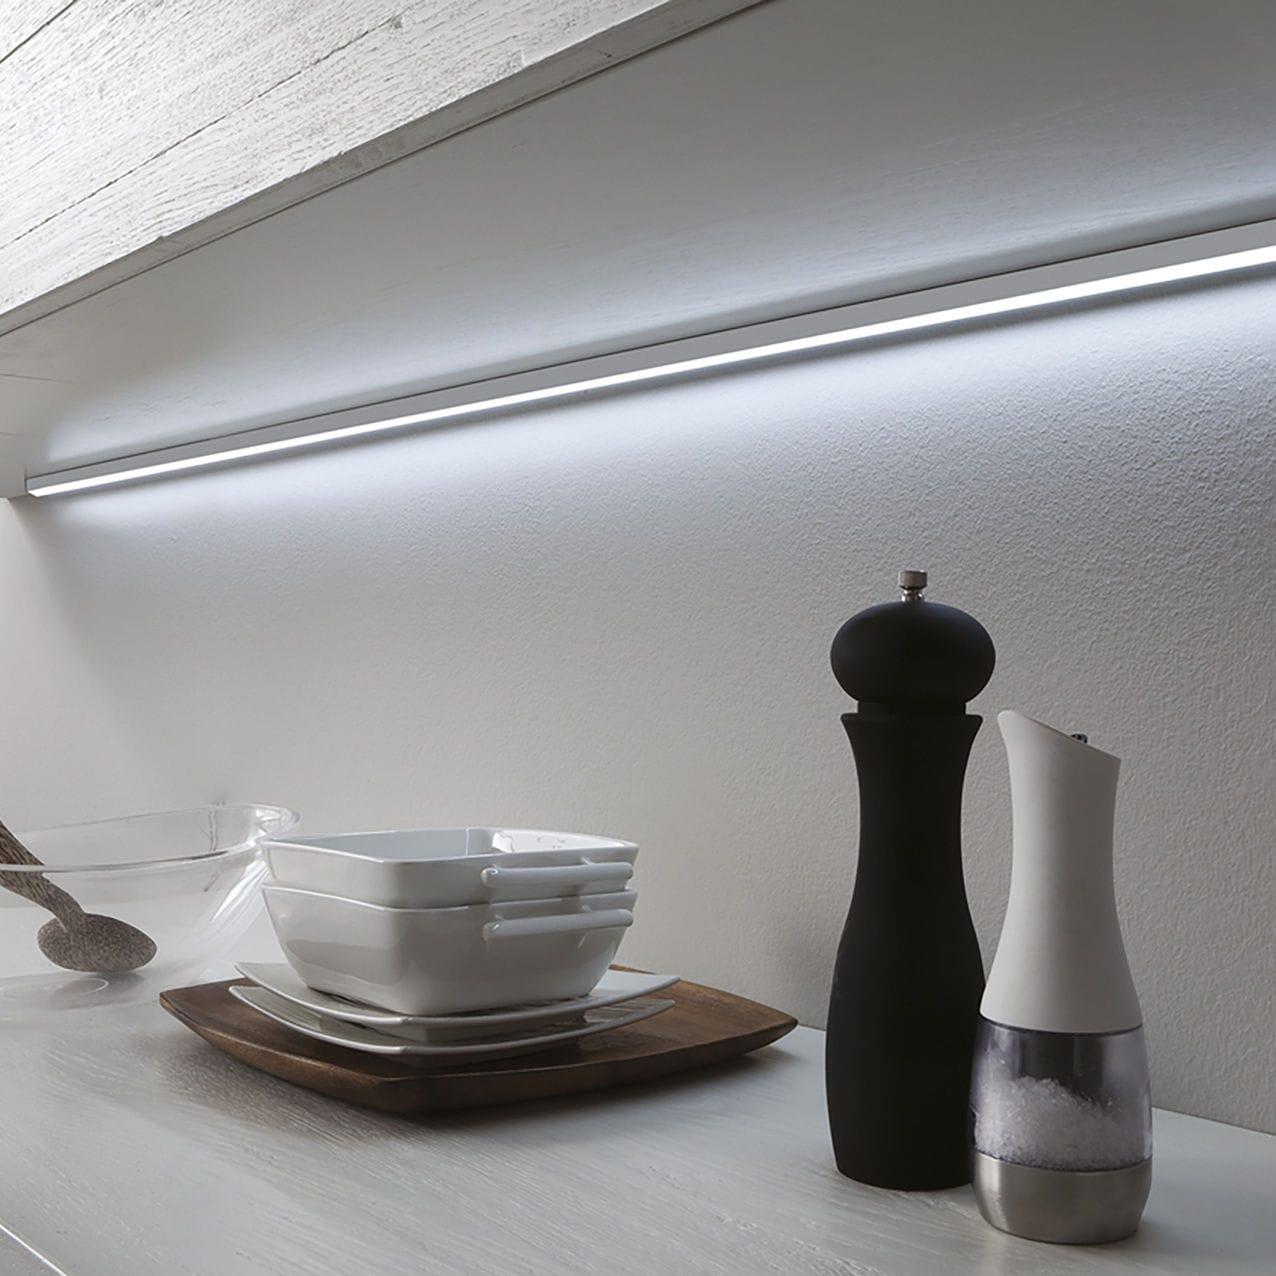 Luce LED / lineare / da cucina / per mobile - LUGANO - Zecchinon